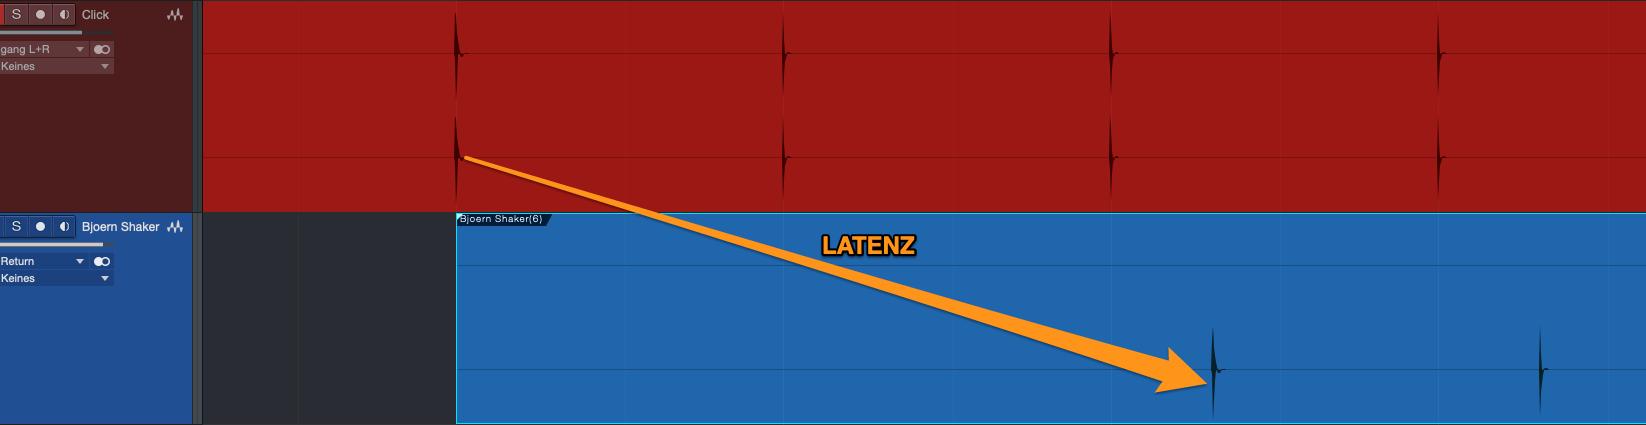 Diese Latenz zwischen Original-Click und dem Click der Aufnahme erkennt man auch mit bloßem Auge!